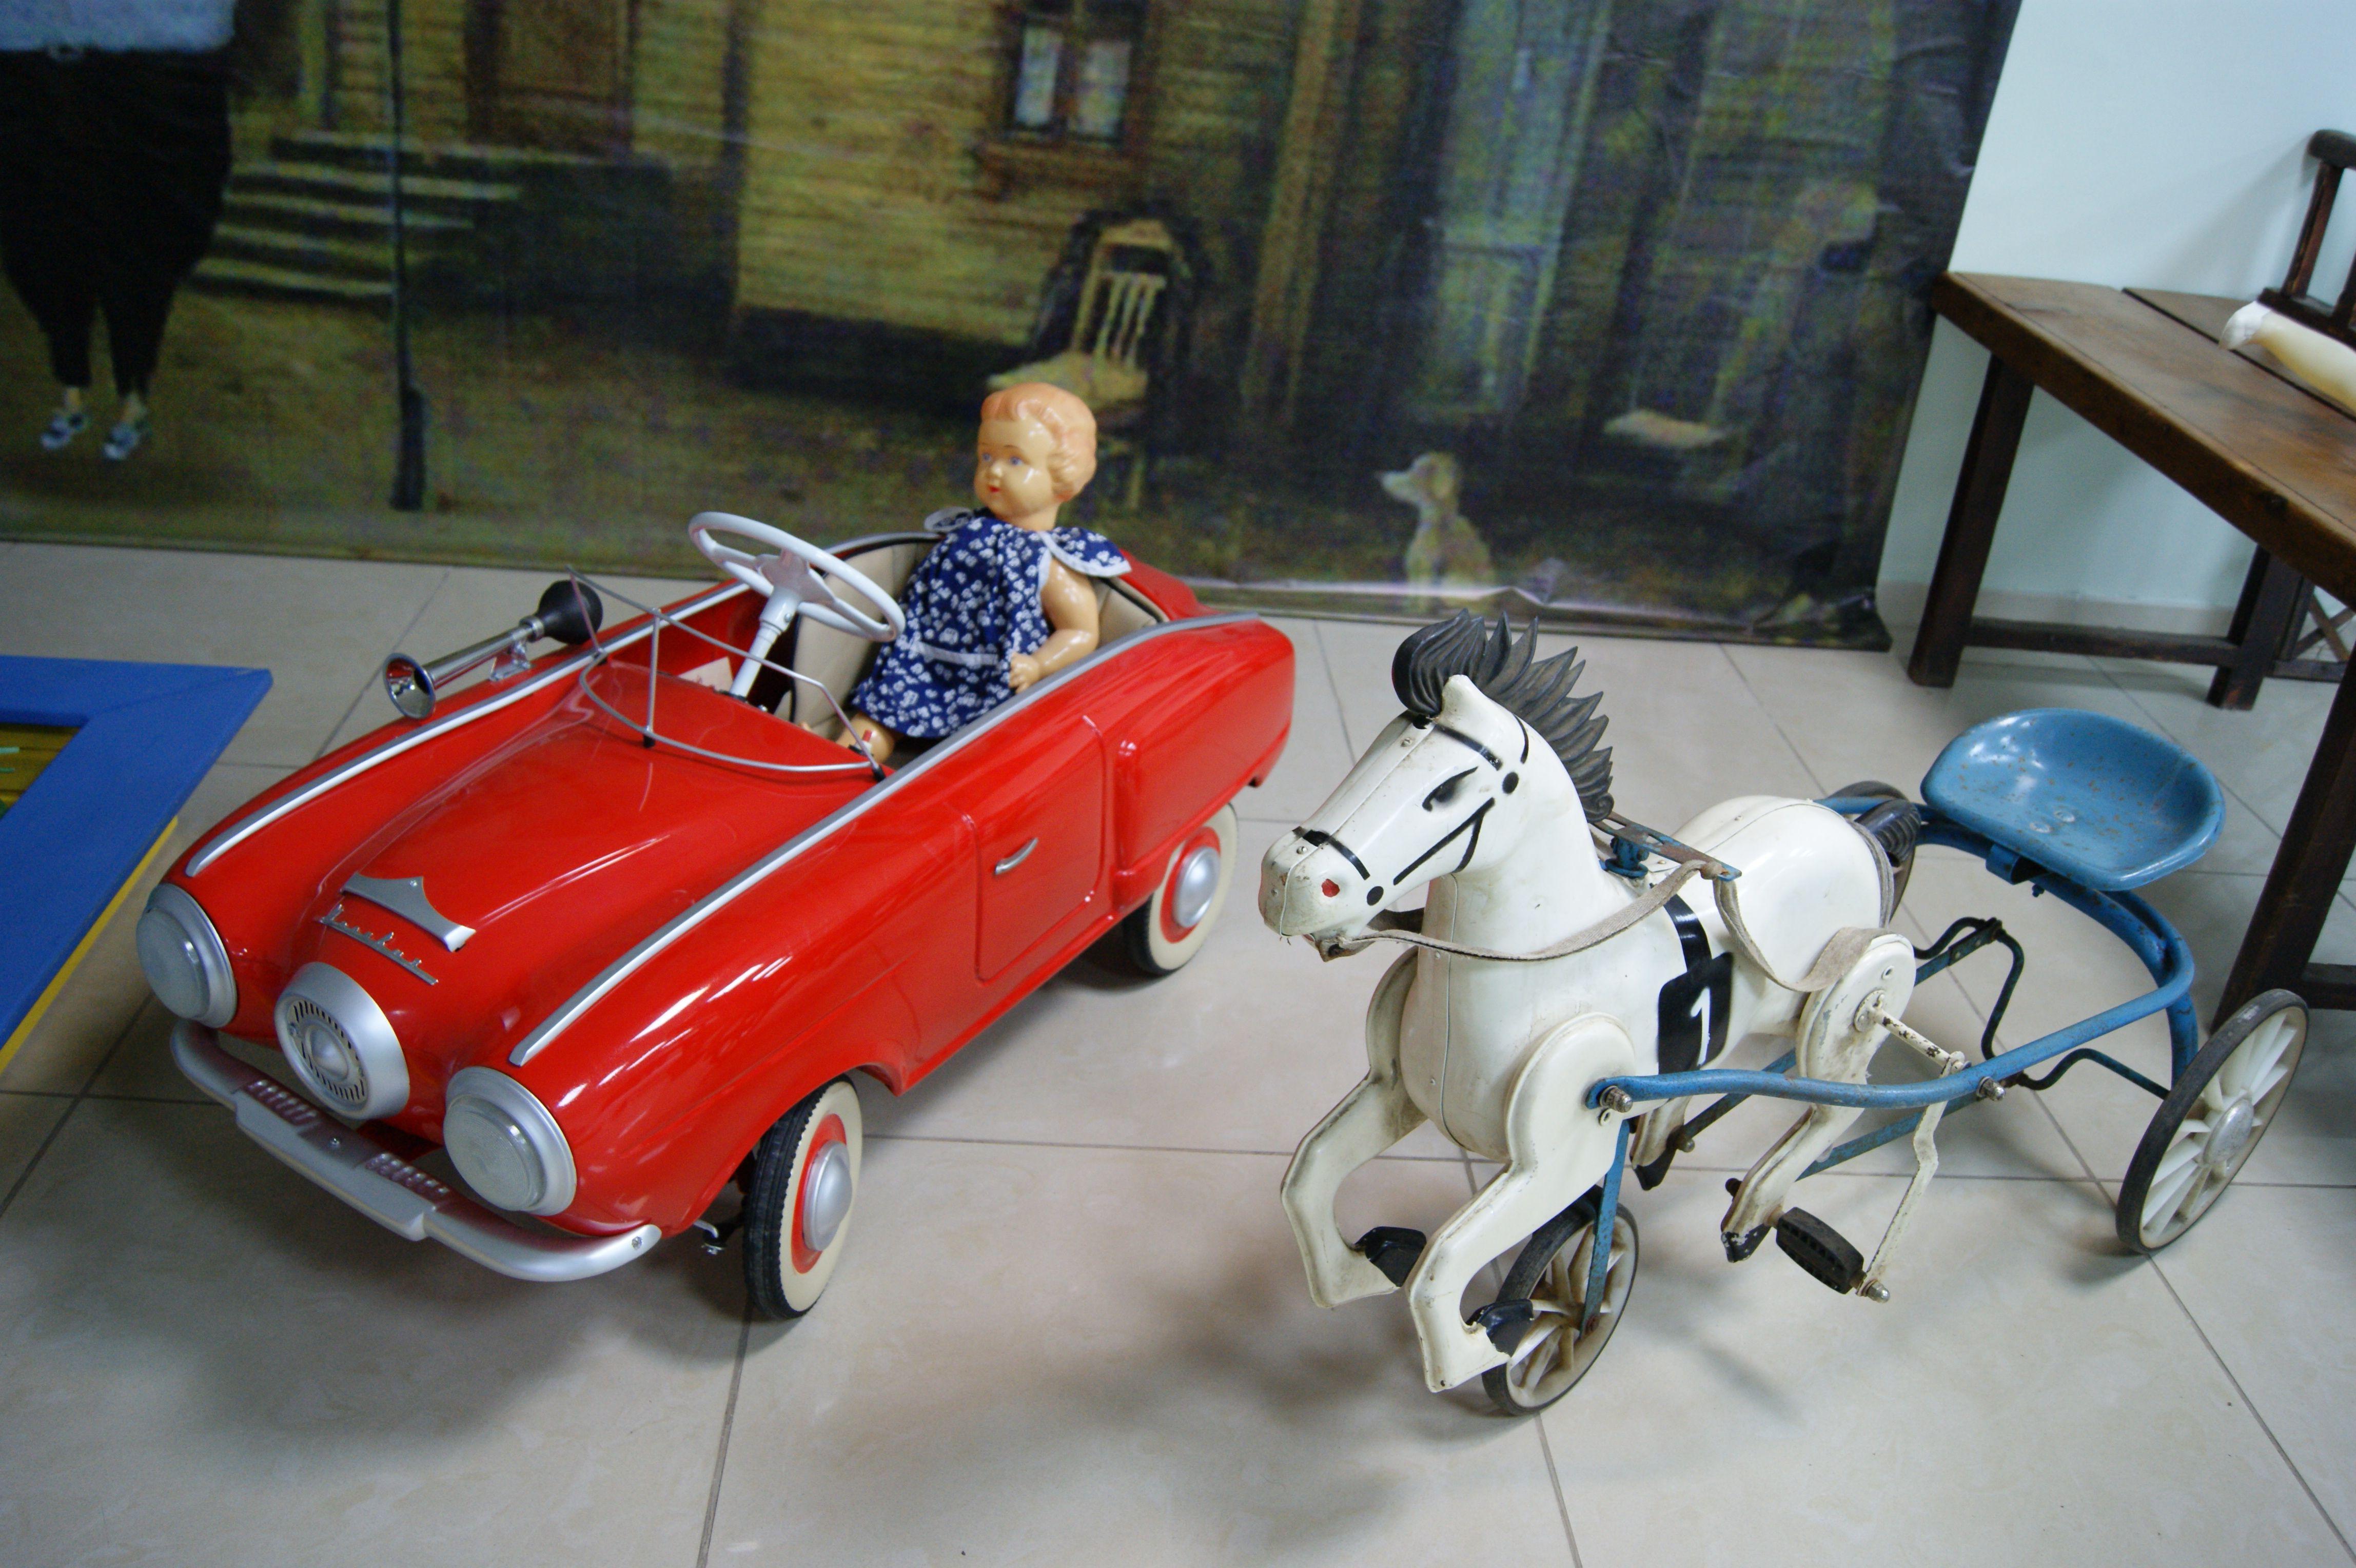 Выставка, способная вернуть в младенчество: ВКраснодаре открылась выставка машинок времен СССР